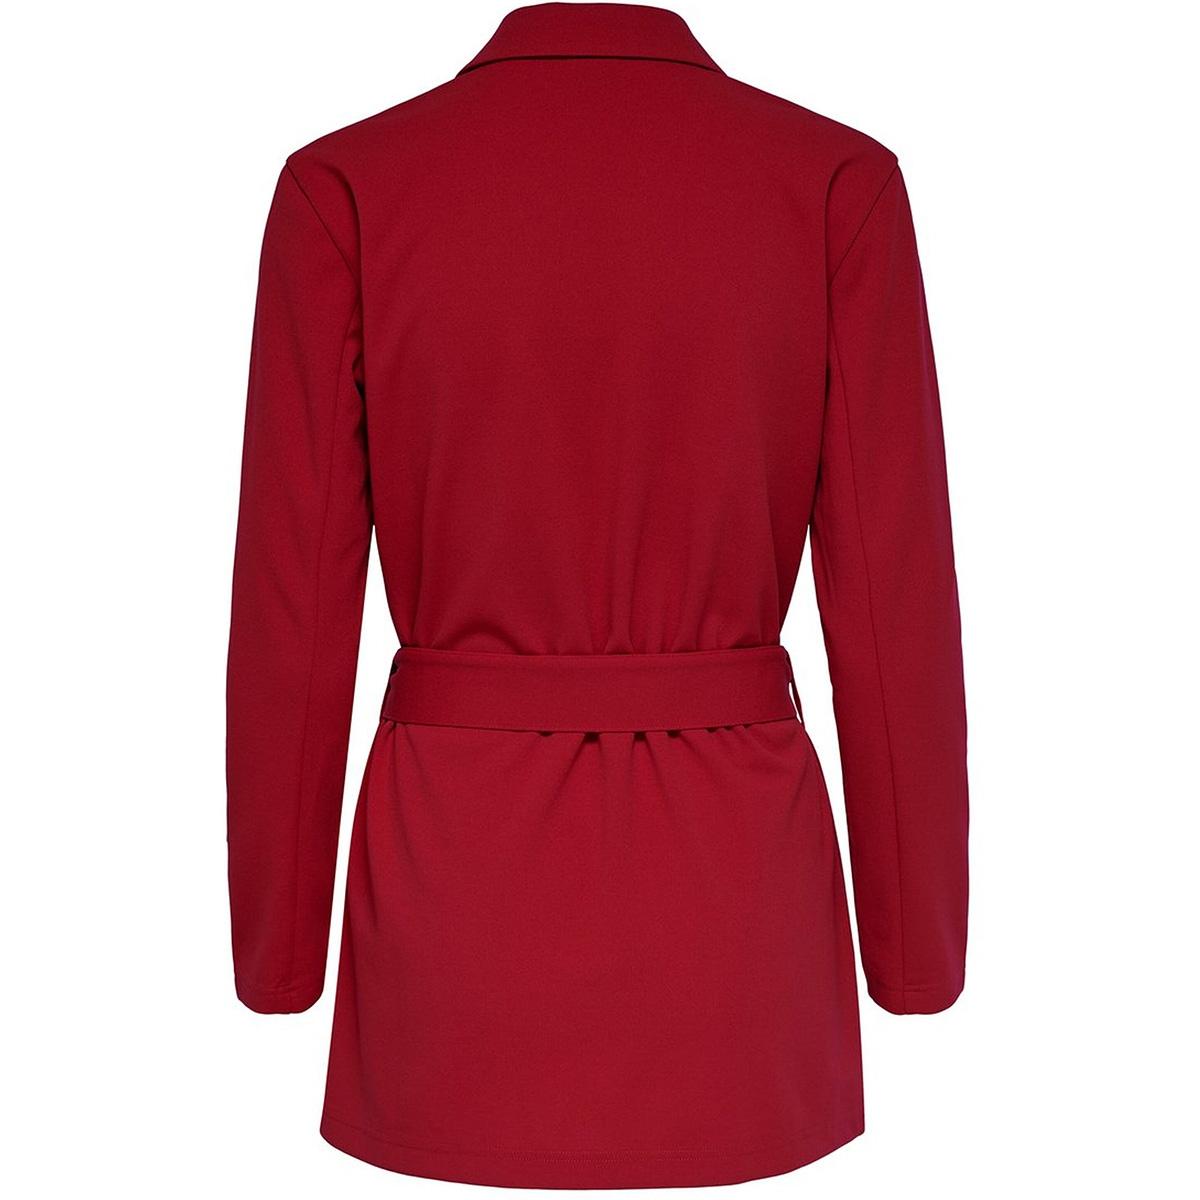 jdyone catia treats l/s blazer jrs 15196959 jacqueline de yong blazer scarlet sage